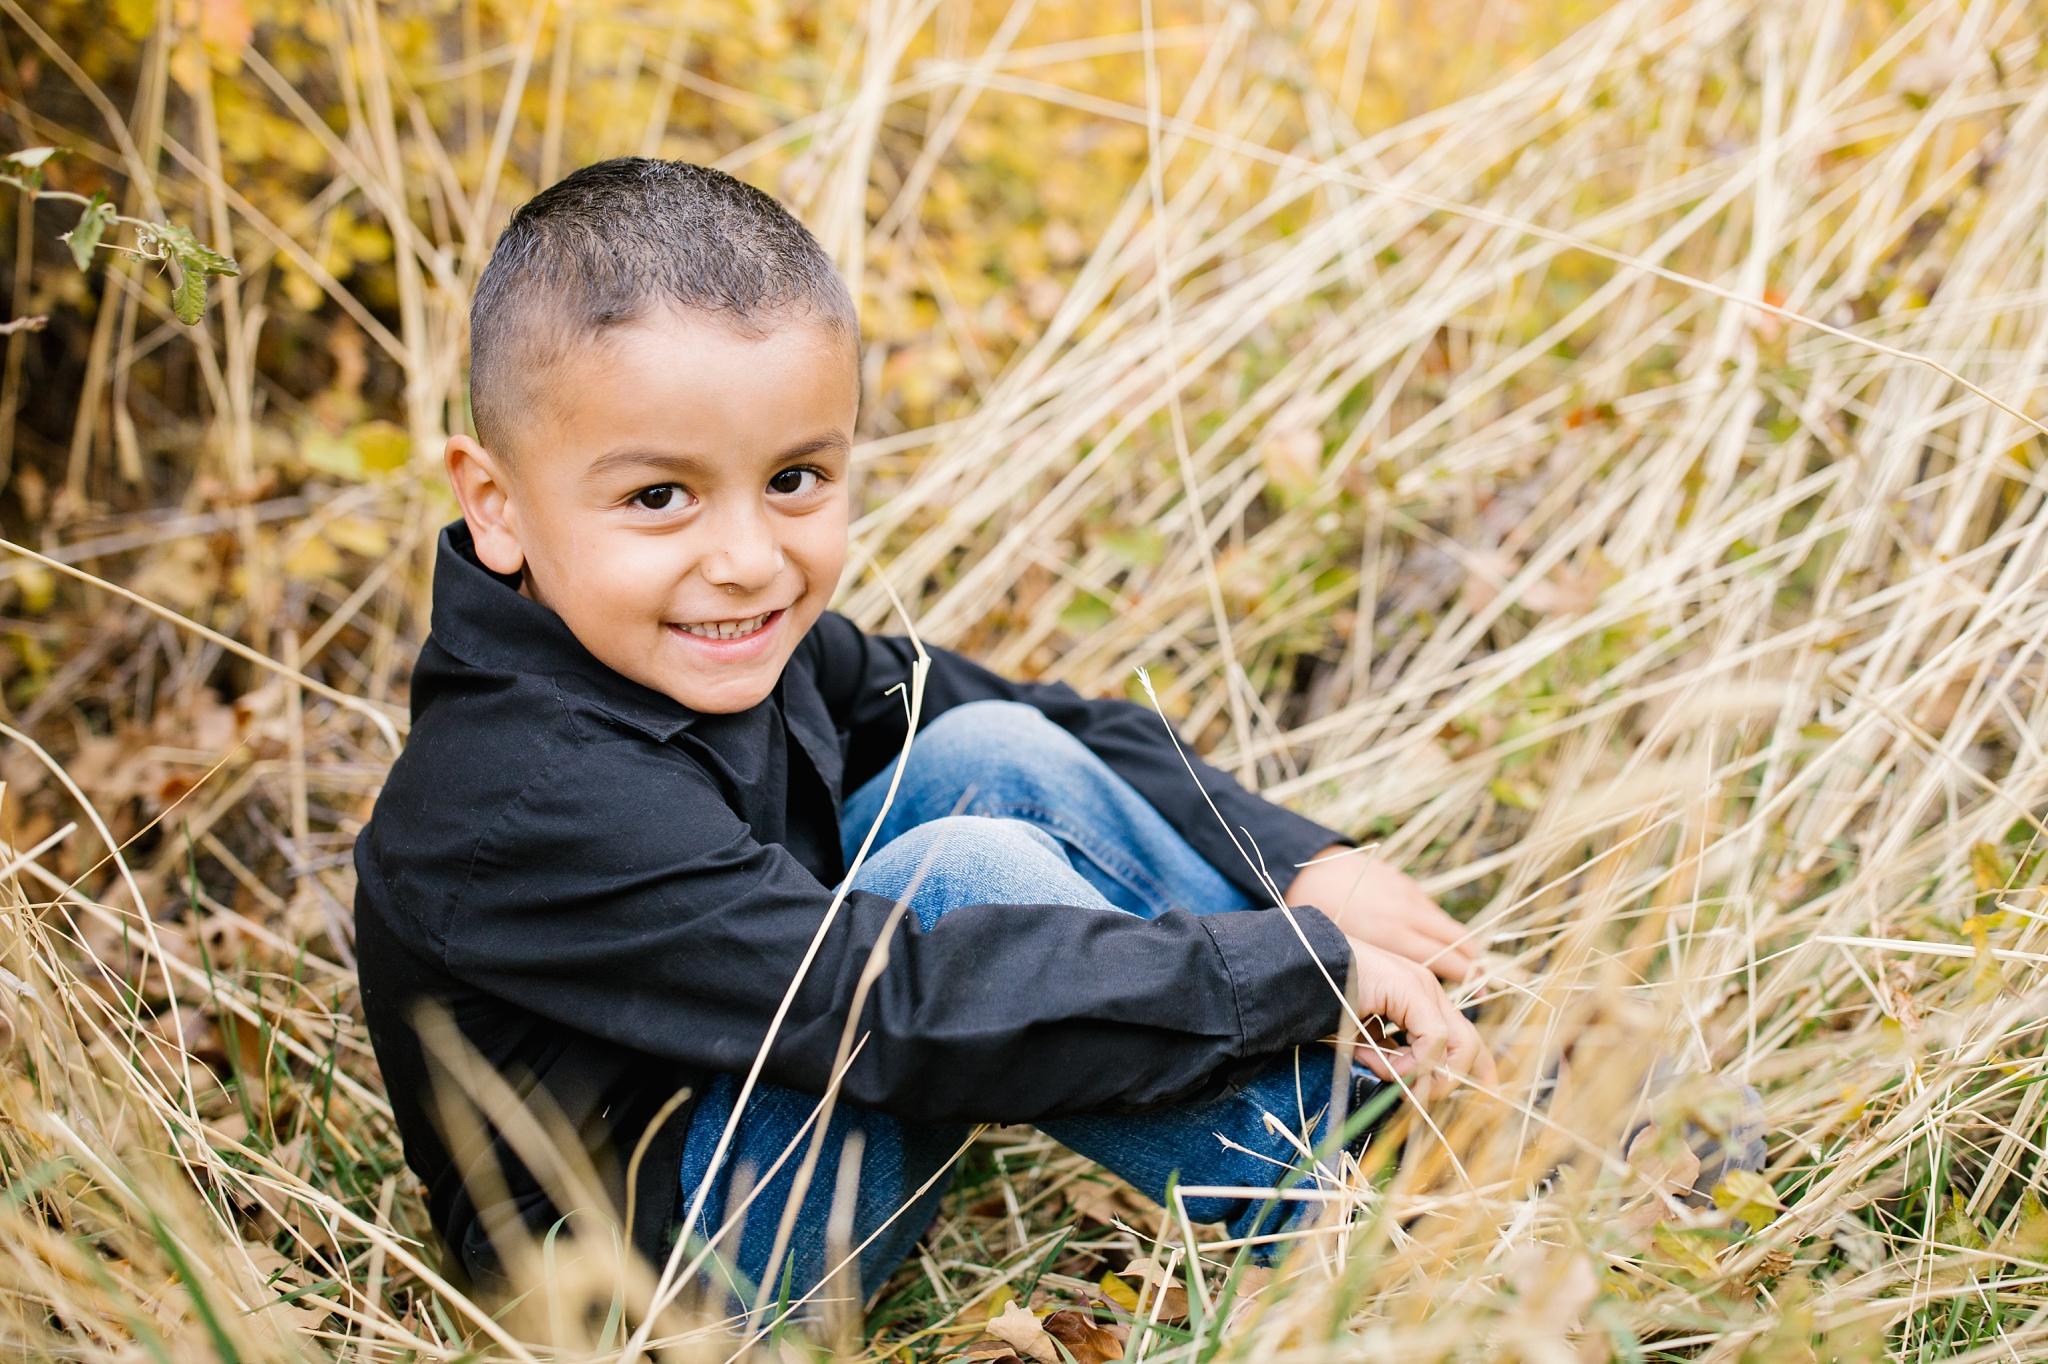 Tischner-68_Lizzie-B-Imagery-Utah-Family-Photographer-Park-City-Salt-Lake-City-Nephi-Utah.jpg